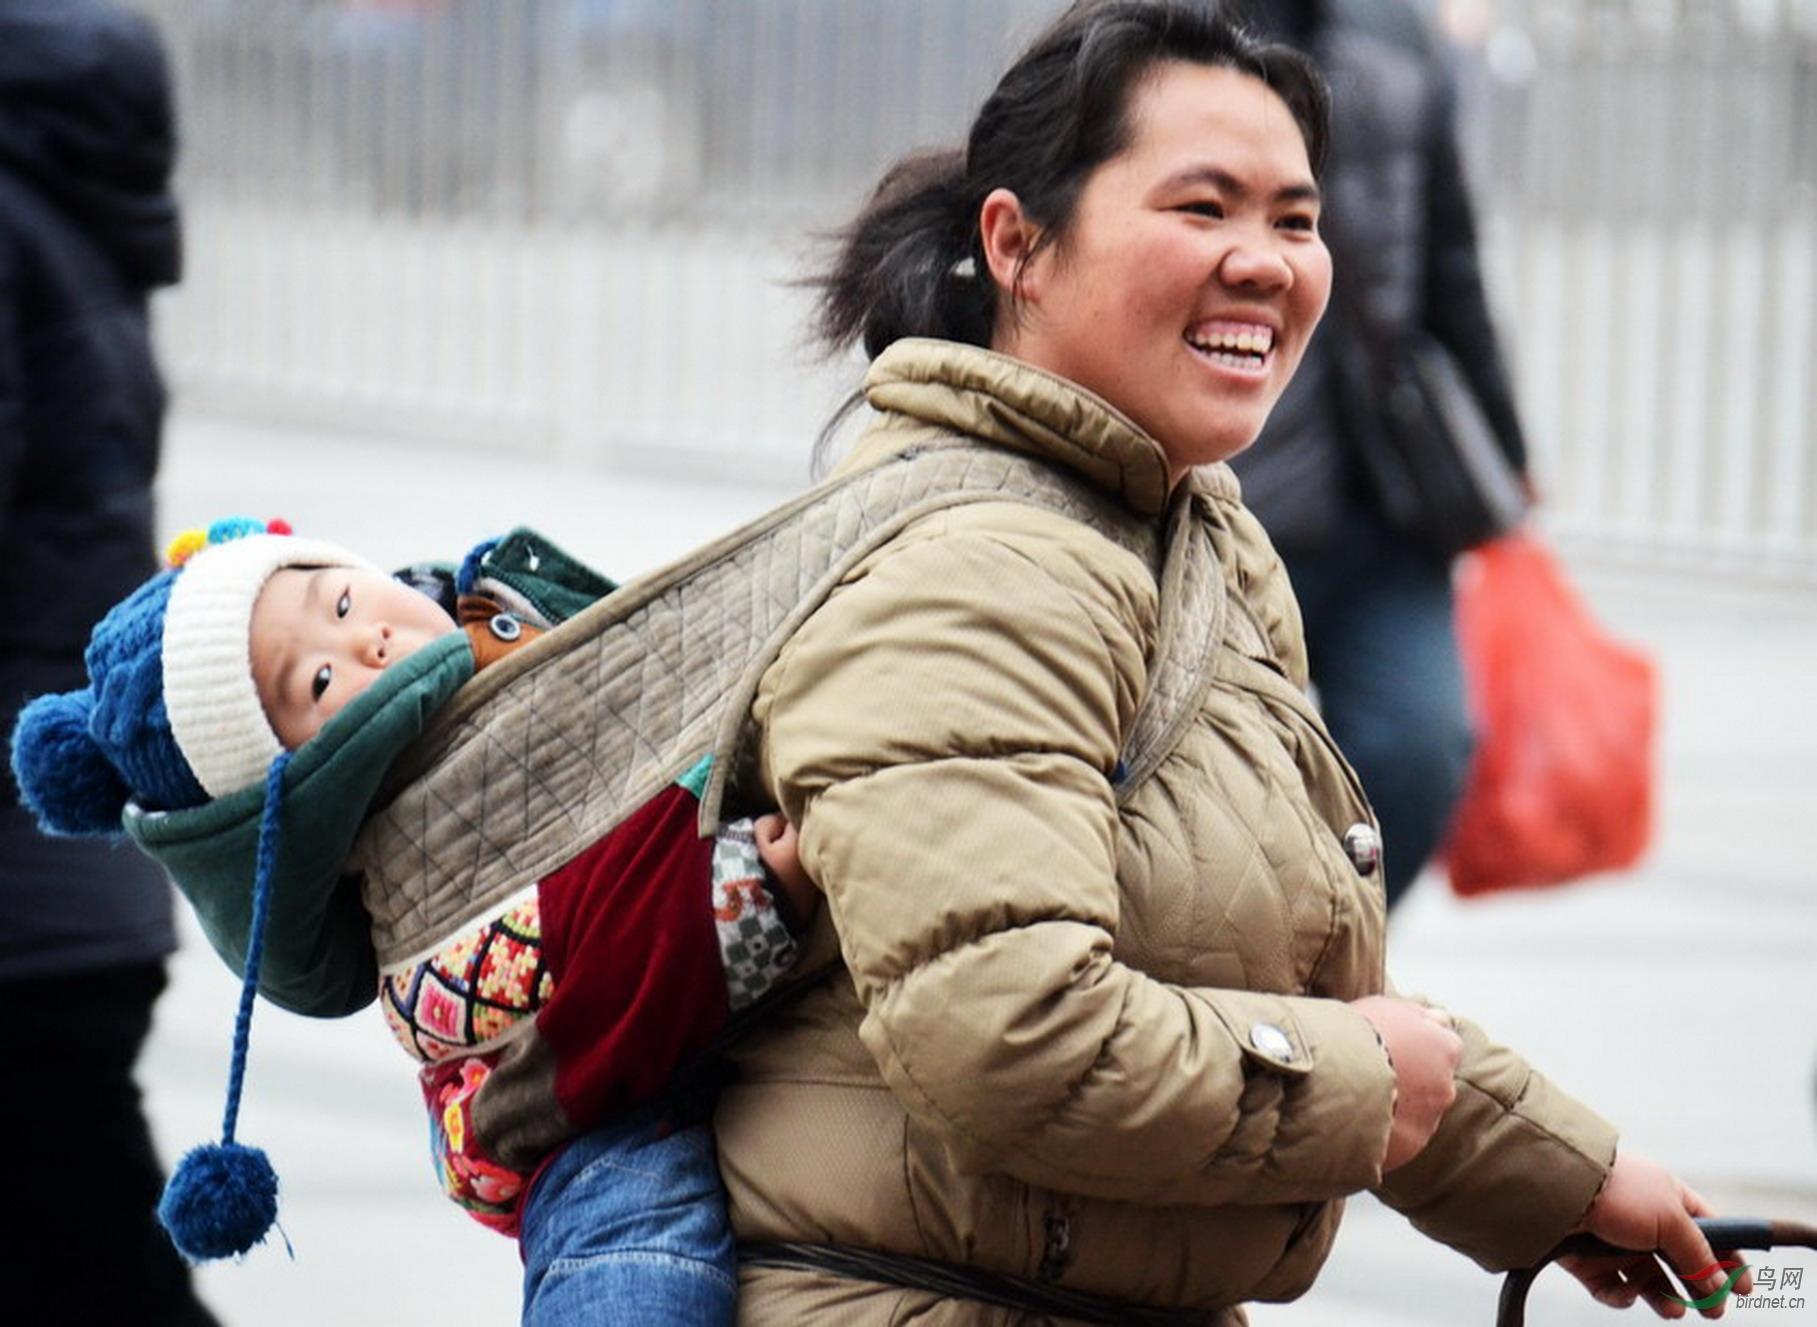 2013年春运郑州火车站广场一位母亲满面笑容身背孩子.jpg